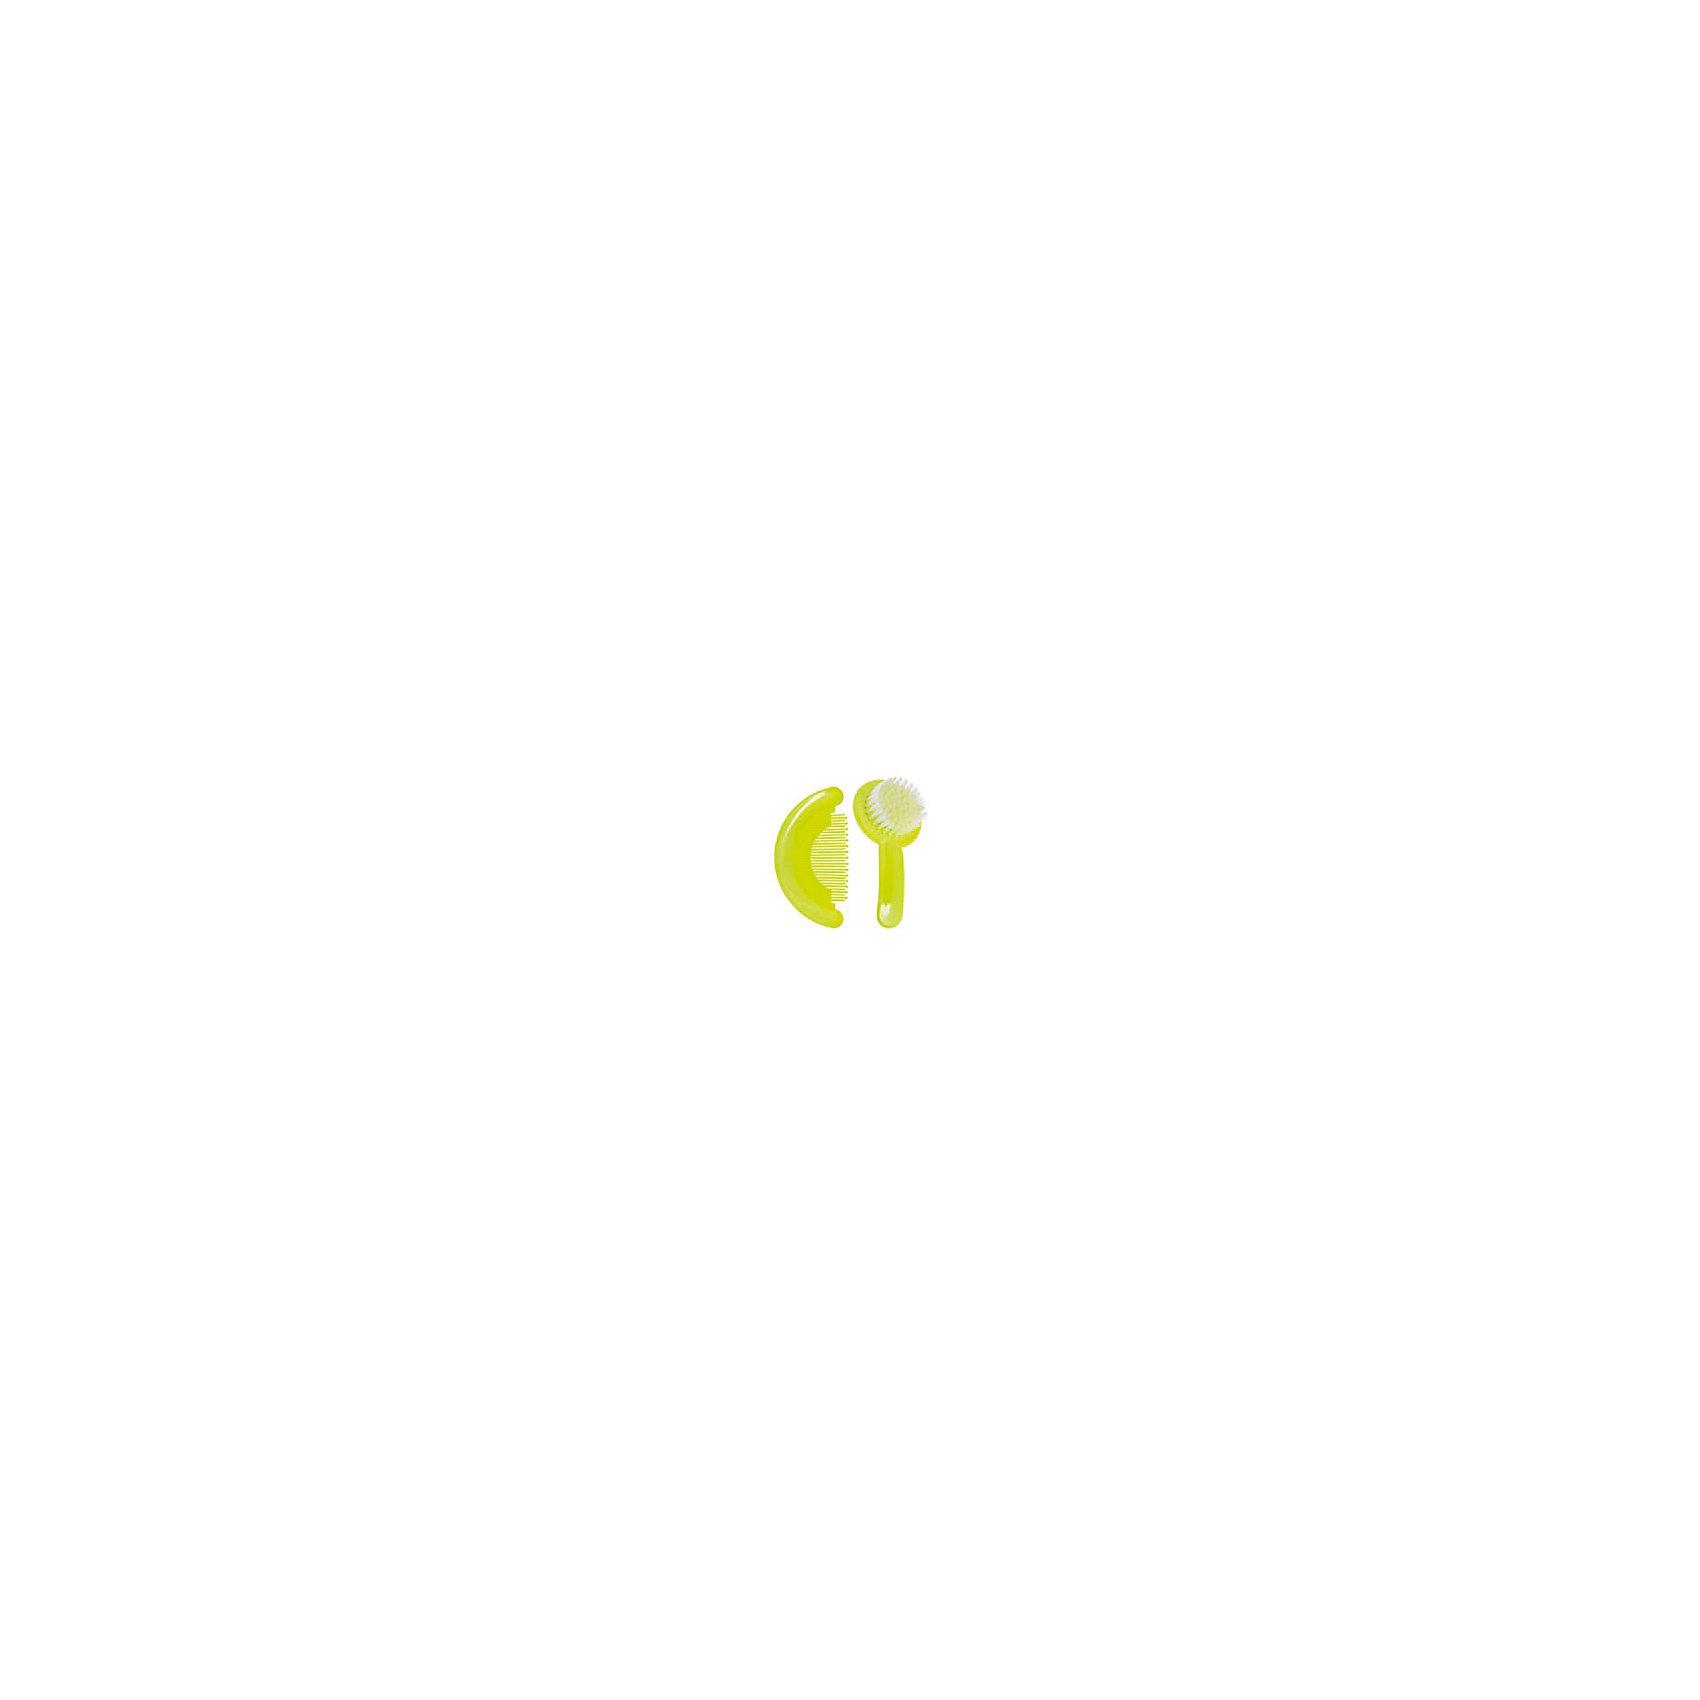 Набор: расческа и щетка, Kurnosiki, зеленыйРасческа с закругленными безопасными зубчиками и щетка с мягкой щетиной делают комфортным ежедневное причесывание.<br><br>Ширина мм: 60<br>Глубина мм: 170<br>Высота мм: 190<br>Вес г: 97<br>Возраст от месяцев: 4<br>Возраст до месяцев: 36<br>Пол: Унисекс<br>Возраст: Детский<br>SKU: 5428689